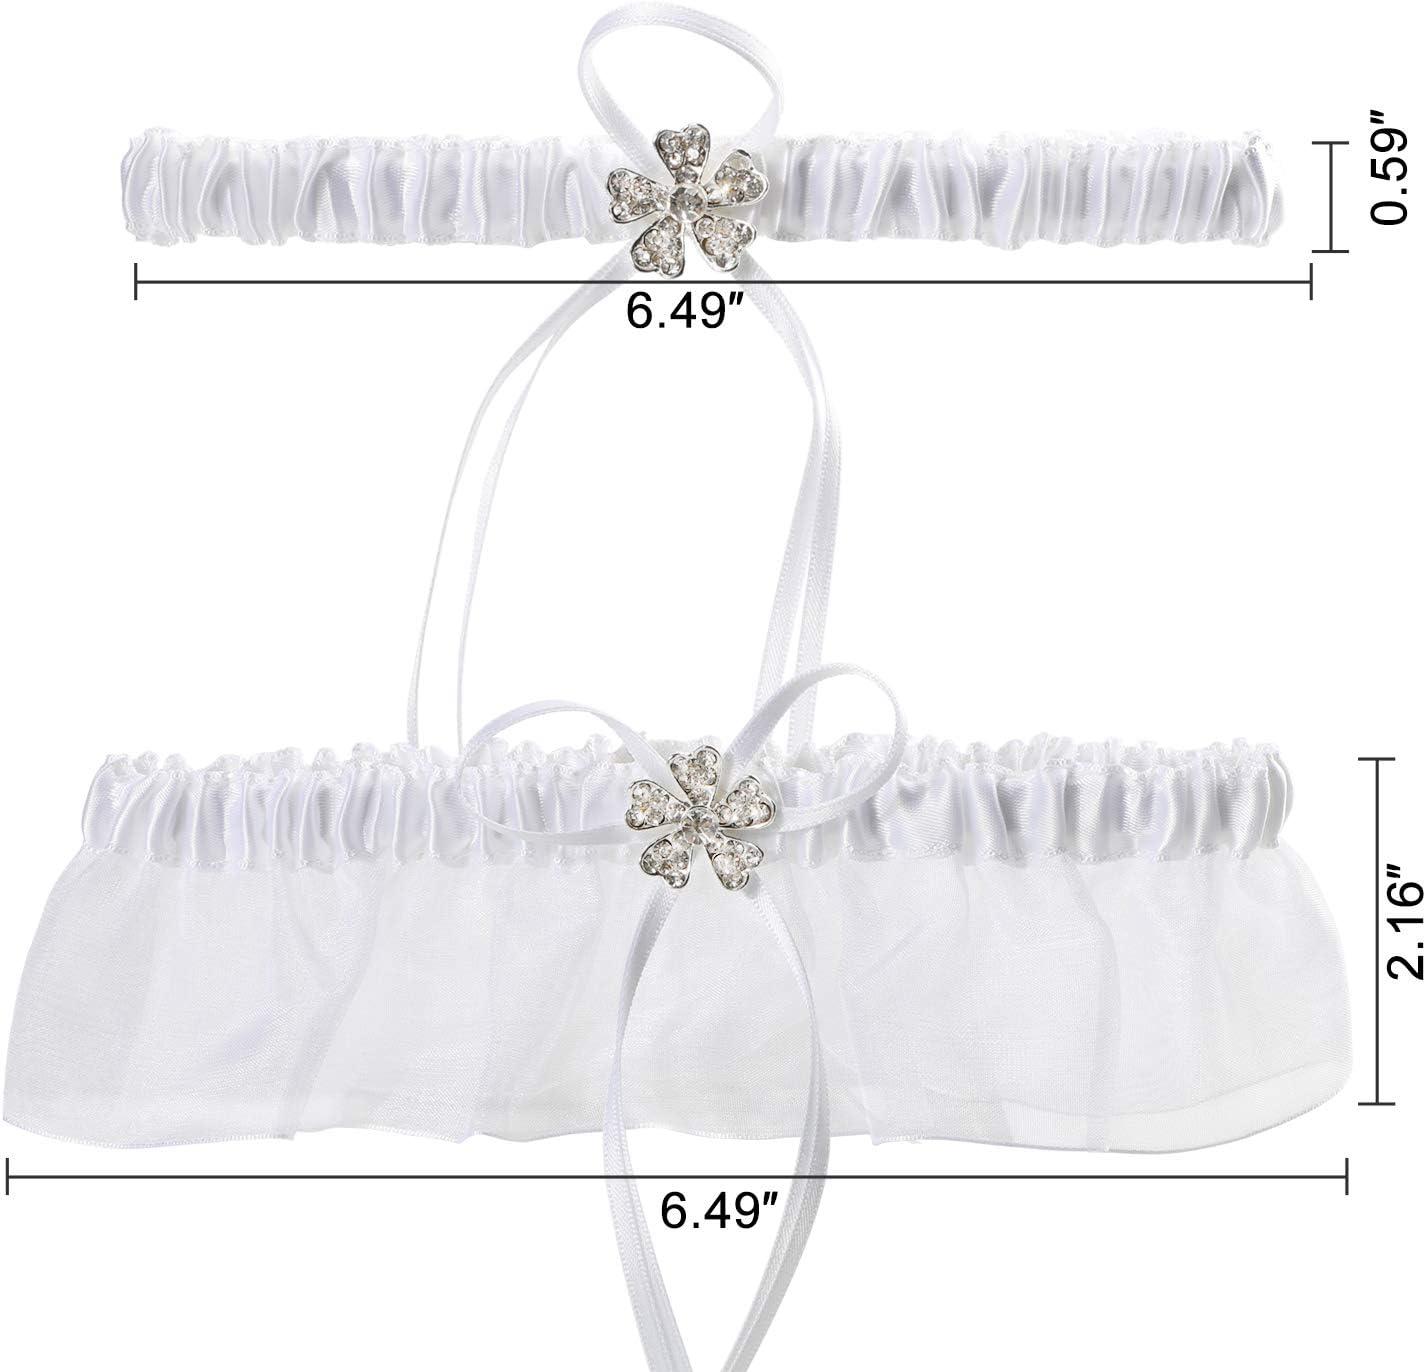 MWOOT Encaje Blanco Liga para Novia Liga Nupcial El/ástica Accesorios de Vestidos de Novia Regalo de Boda de la Novia para el Banquete de Boda